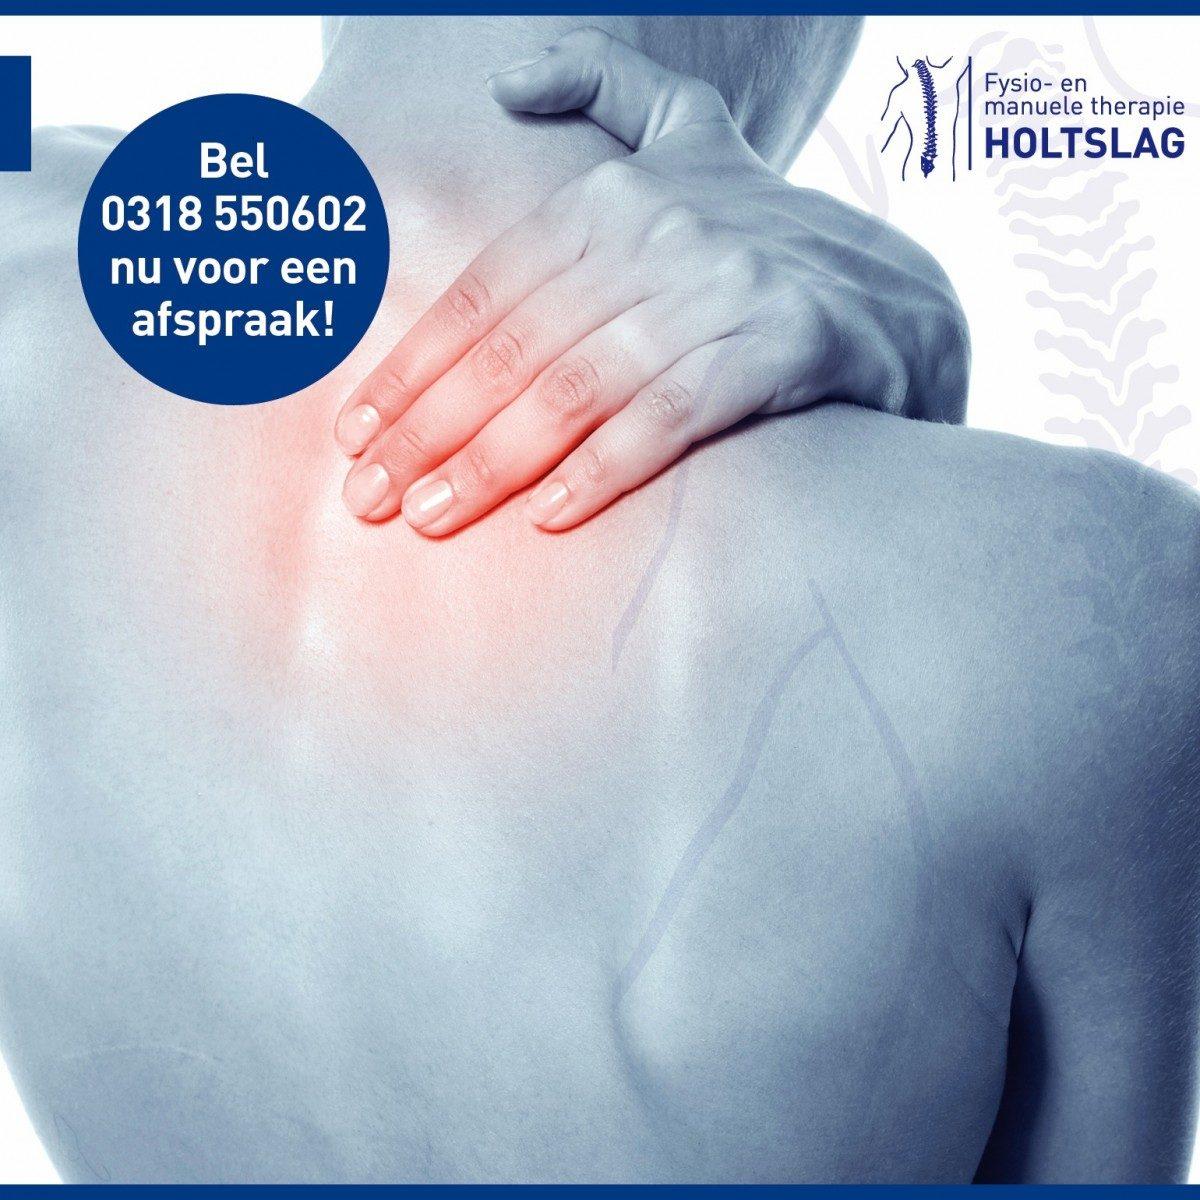 Fysiotherapie en manuele therapie bij nekklachten